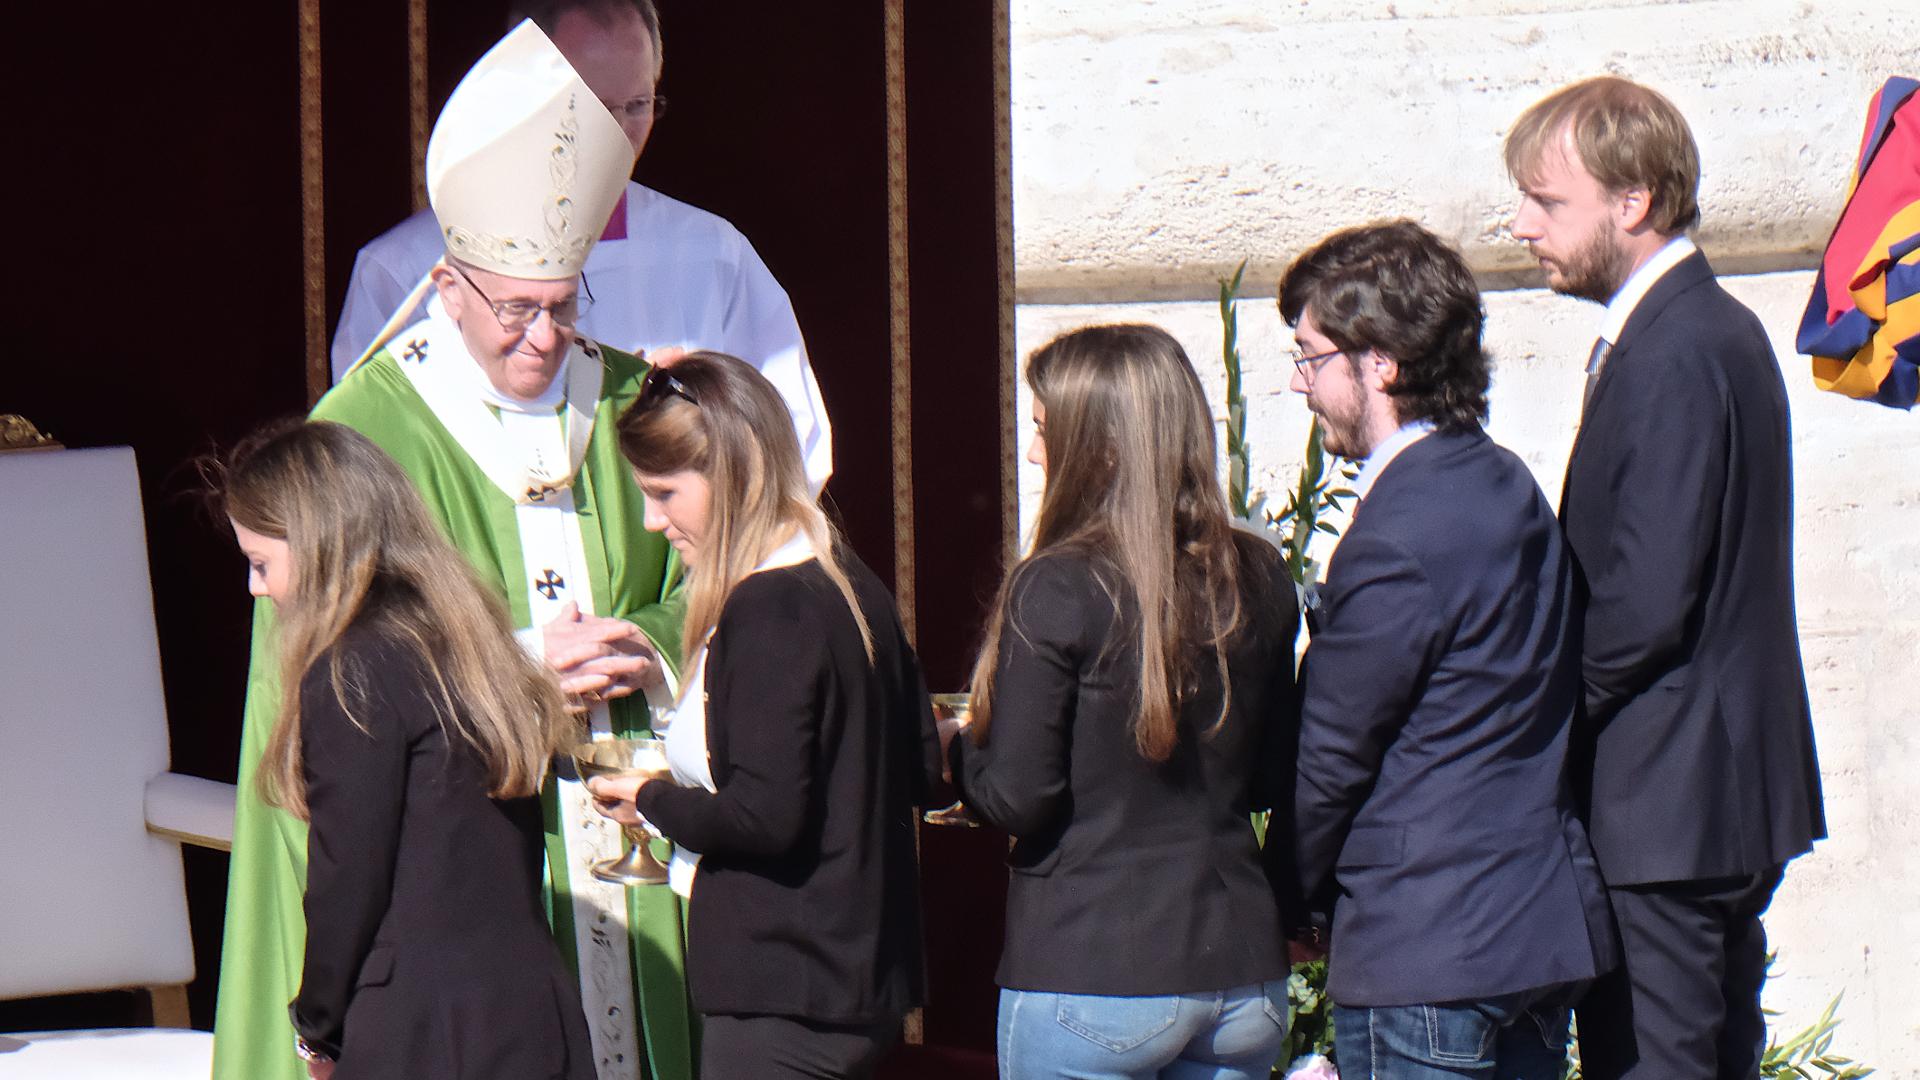 Papst Franziskus mit Jugendlichen am Gottesdienst zur Eröffnung der Jugendsynode | © Oliver Sittel